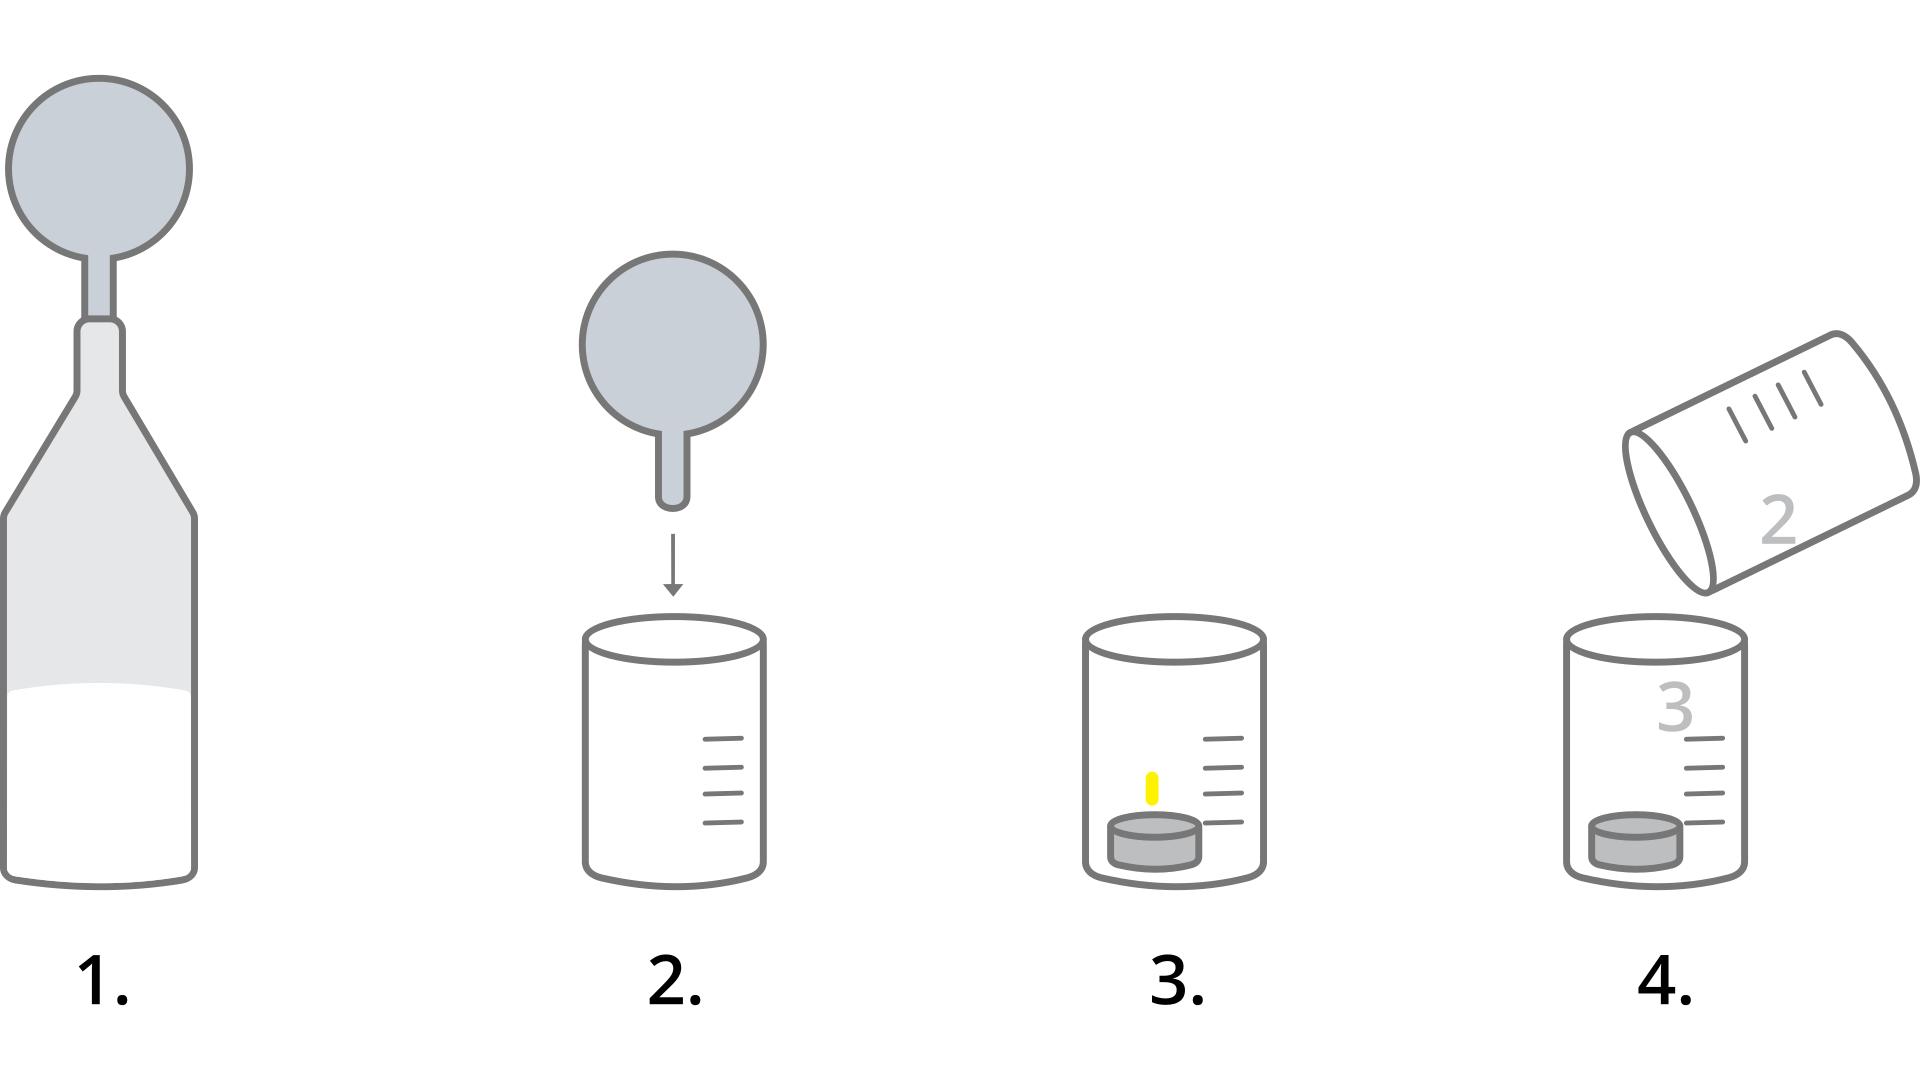 Ilustracja przeprowadzania doświadczania składająca się zczterech ponumerowanych, czarno białych rysunków ułożonych wkolejności od lewej do prawej. Rysunek numer jeden przedstawia butelkę znaciągniętym na szyjkę balonikiem, wktórej zachodzi reakcja. Balonik jest napełniony gazem. Rysunek numer dwa przedstawia przelewanie zawartości balonika do znajdującej się pod nim zlewki. Rysunek numer trzy przedstawia inną zlewkę ze znajdującą się wniej płonącą świeczką. Rysunek numer cztery przedstawia przelewanie niewidocznej, czyli gazowej zawartości ze zlewki podpisanej liczbą dwa do zlewki podpisanej liczbą trzy. Świeczka się nie pali.